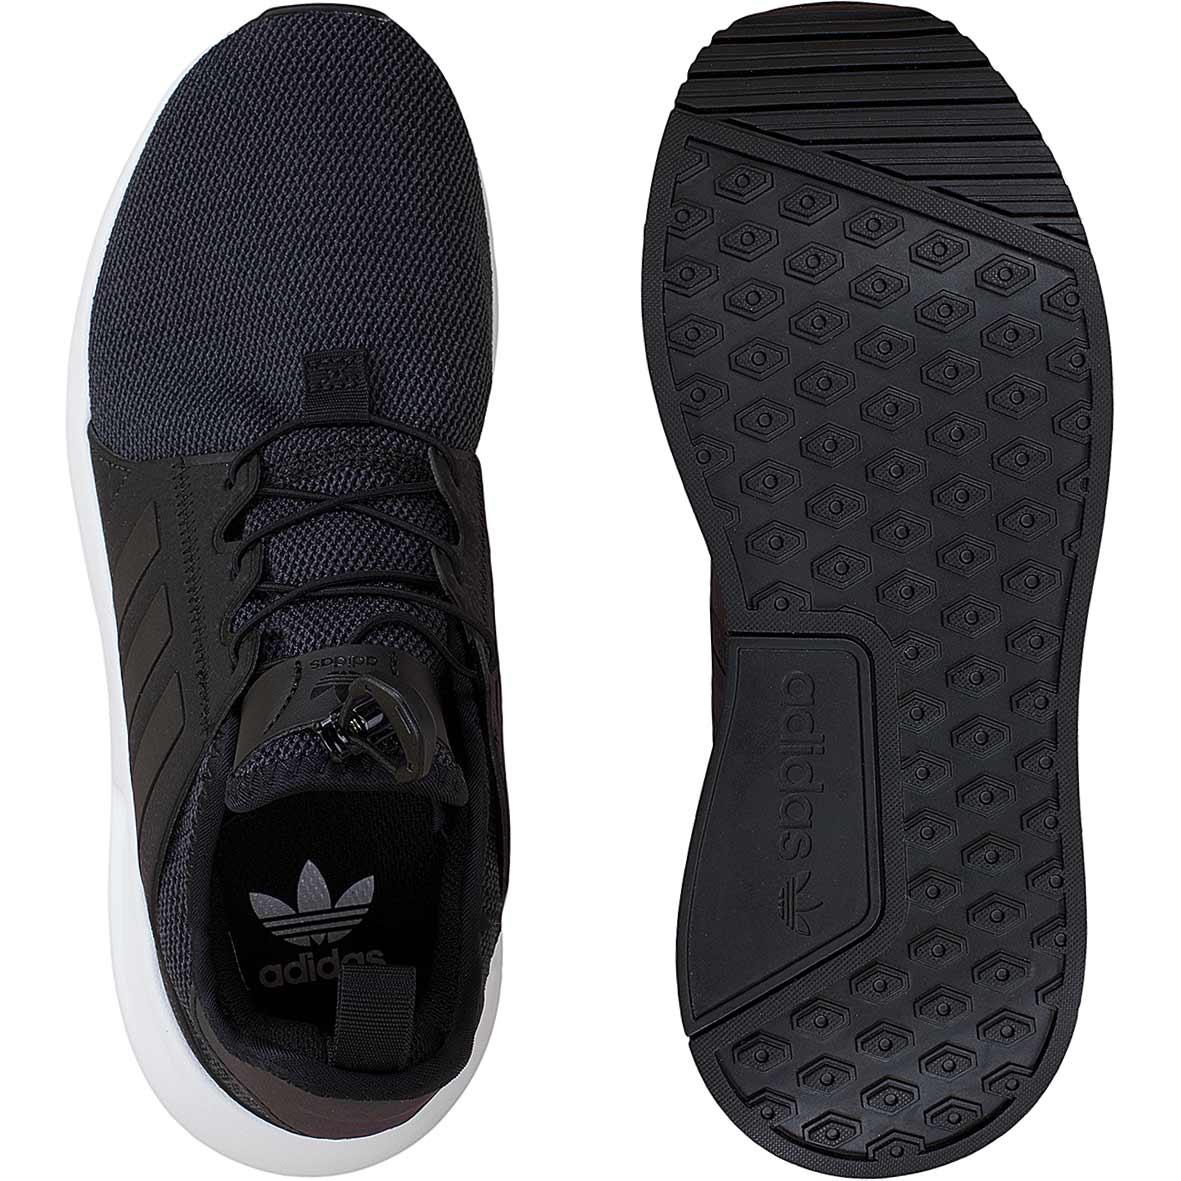 Adidas originals damen sneaker x plr schwarz schwarz for Schwarzer schuhschrank